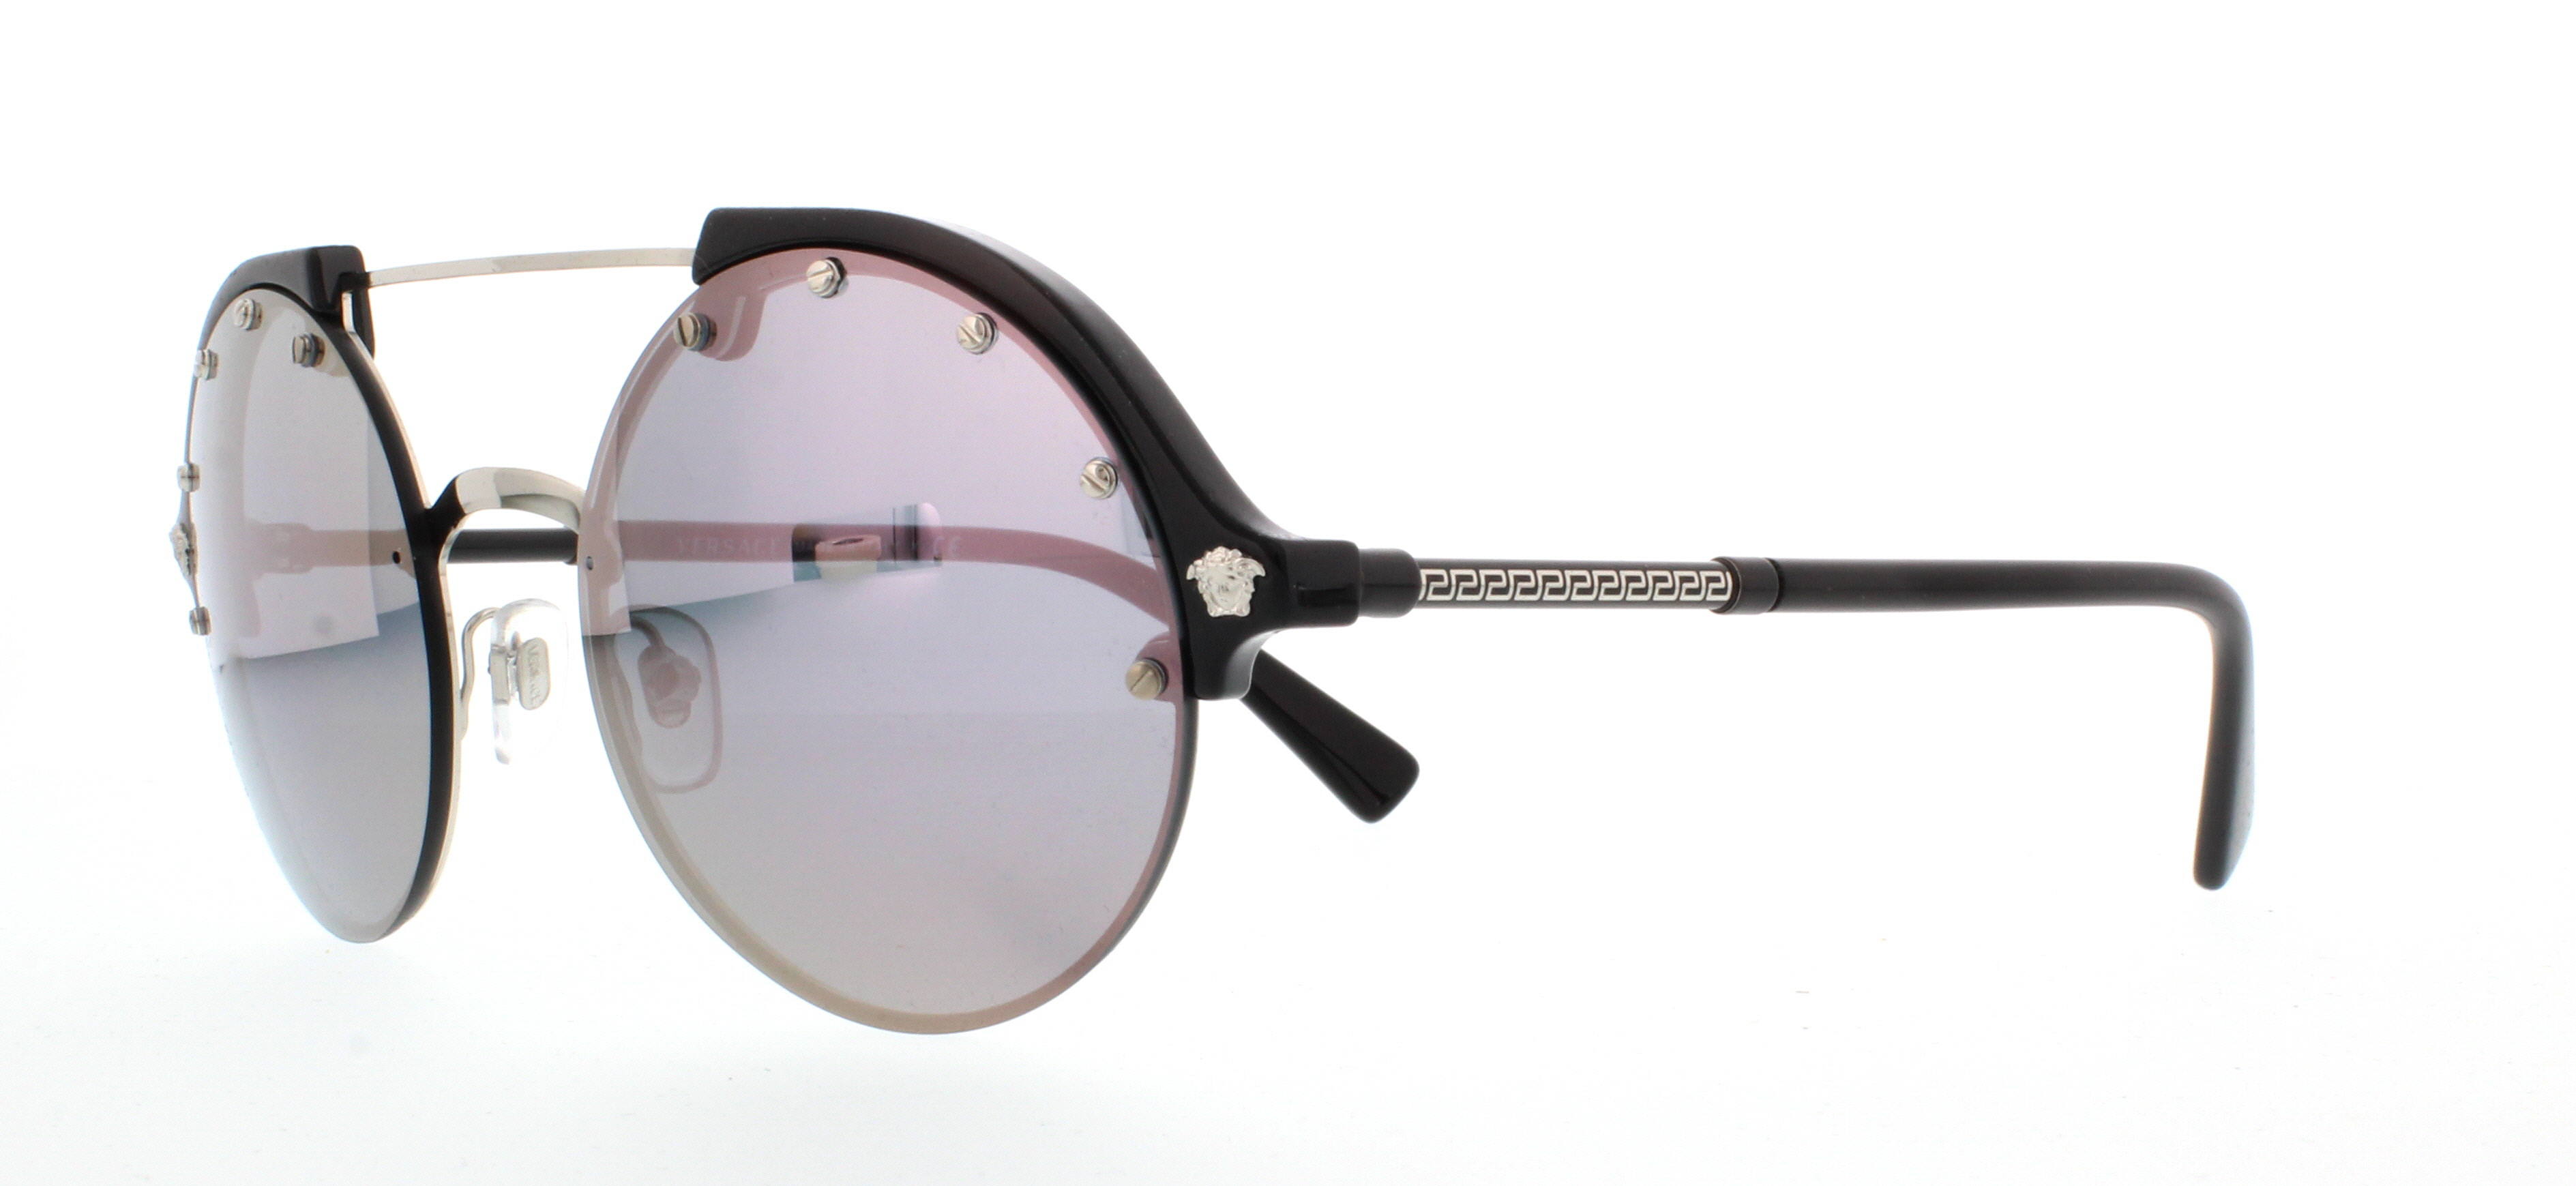 280c6cacc2 Designer Frames Outlet. Versace VE4337